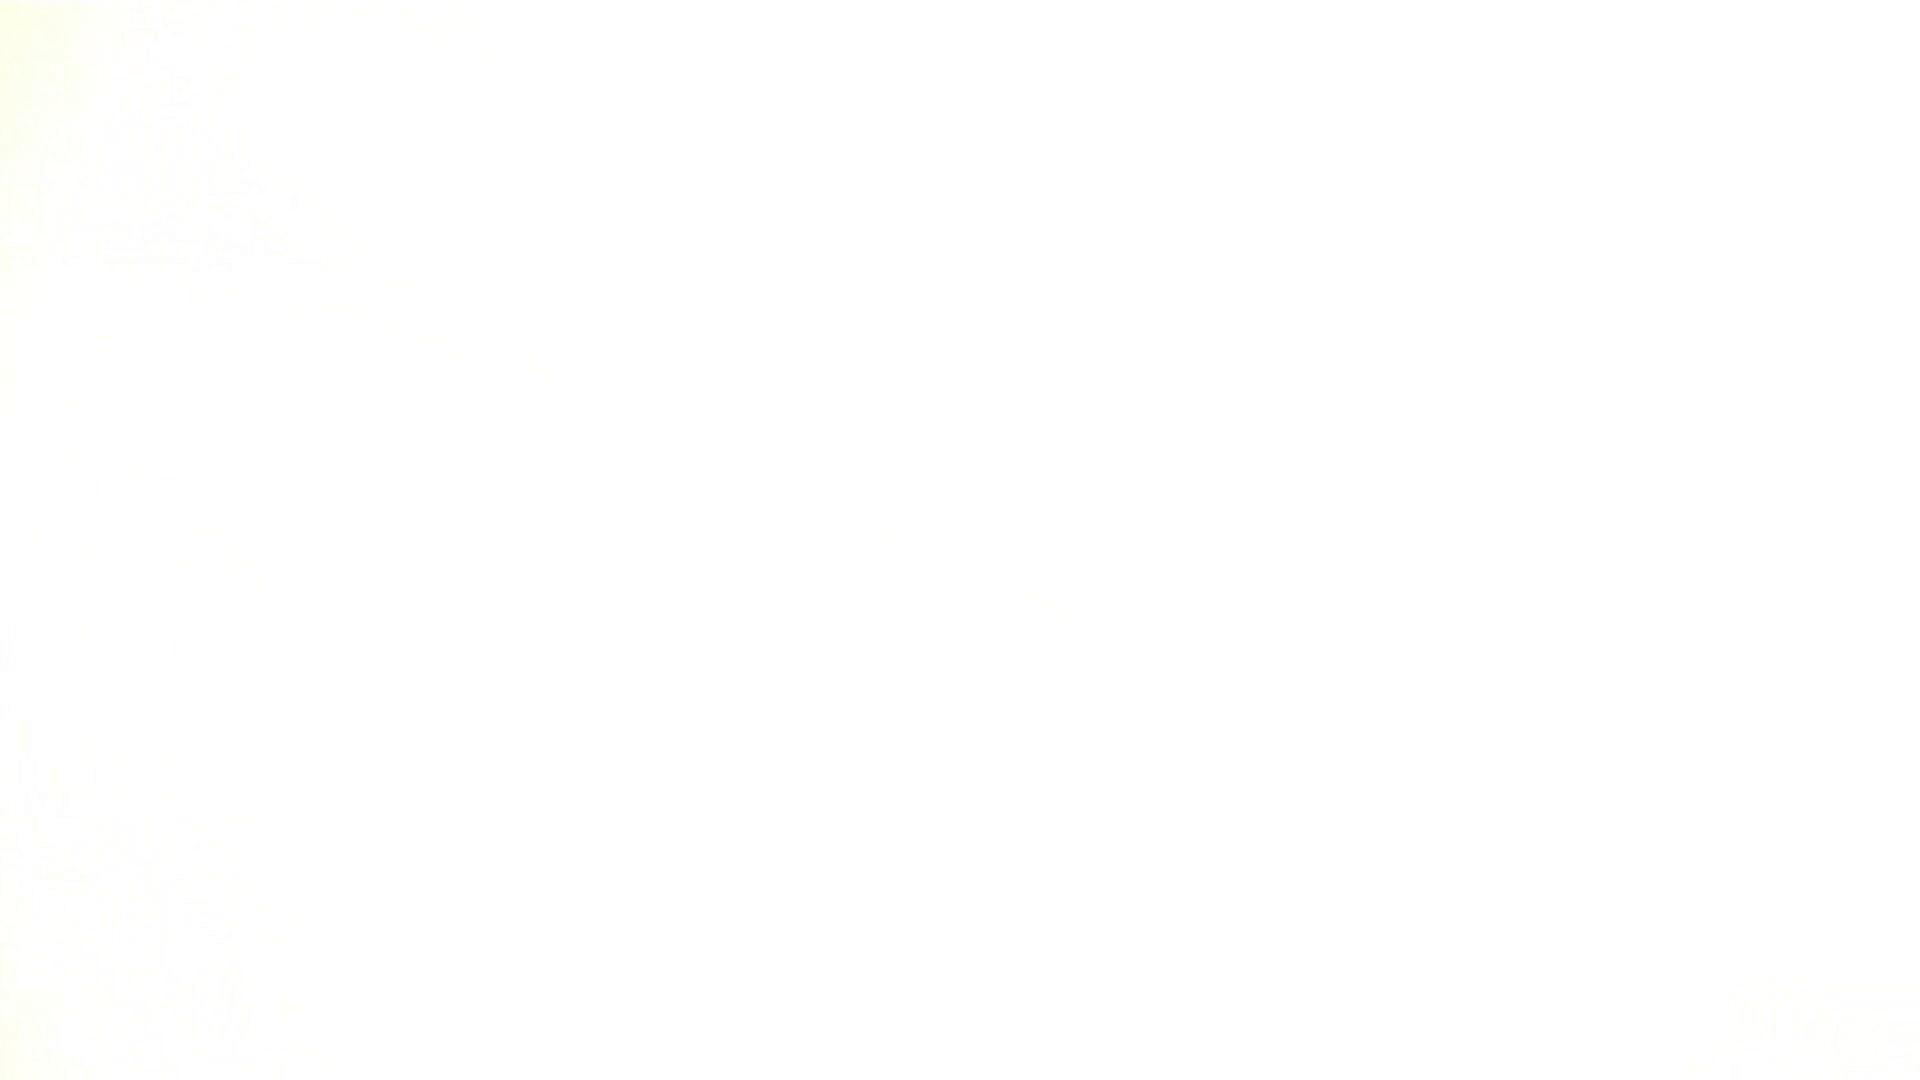 ※100個限定販売 至高下半身盗撮 プレミアム Vol.4 ハイビジョン 盗撮映像大放出 | エッチすぎるOL達  77連発 63